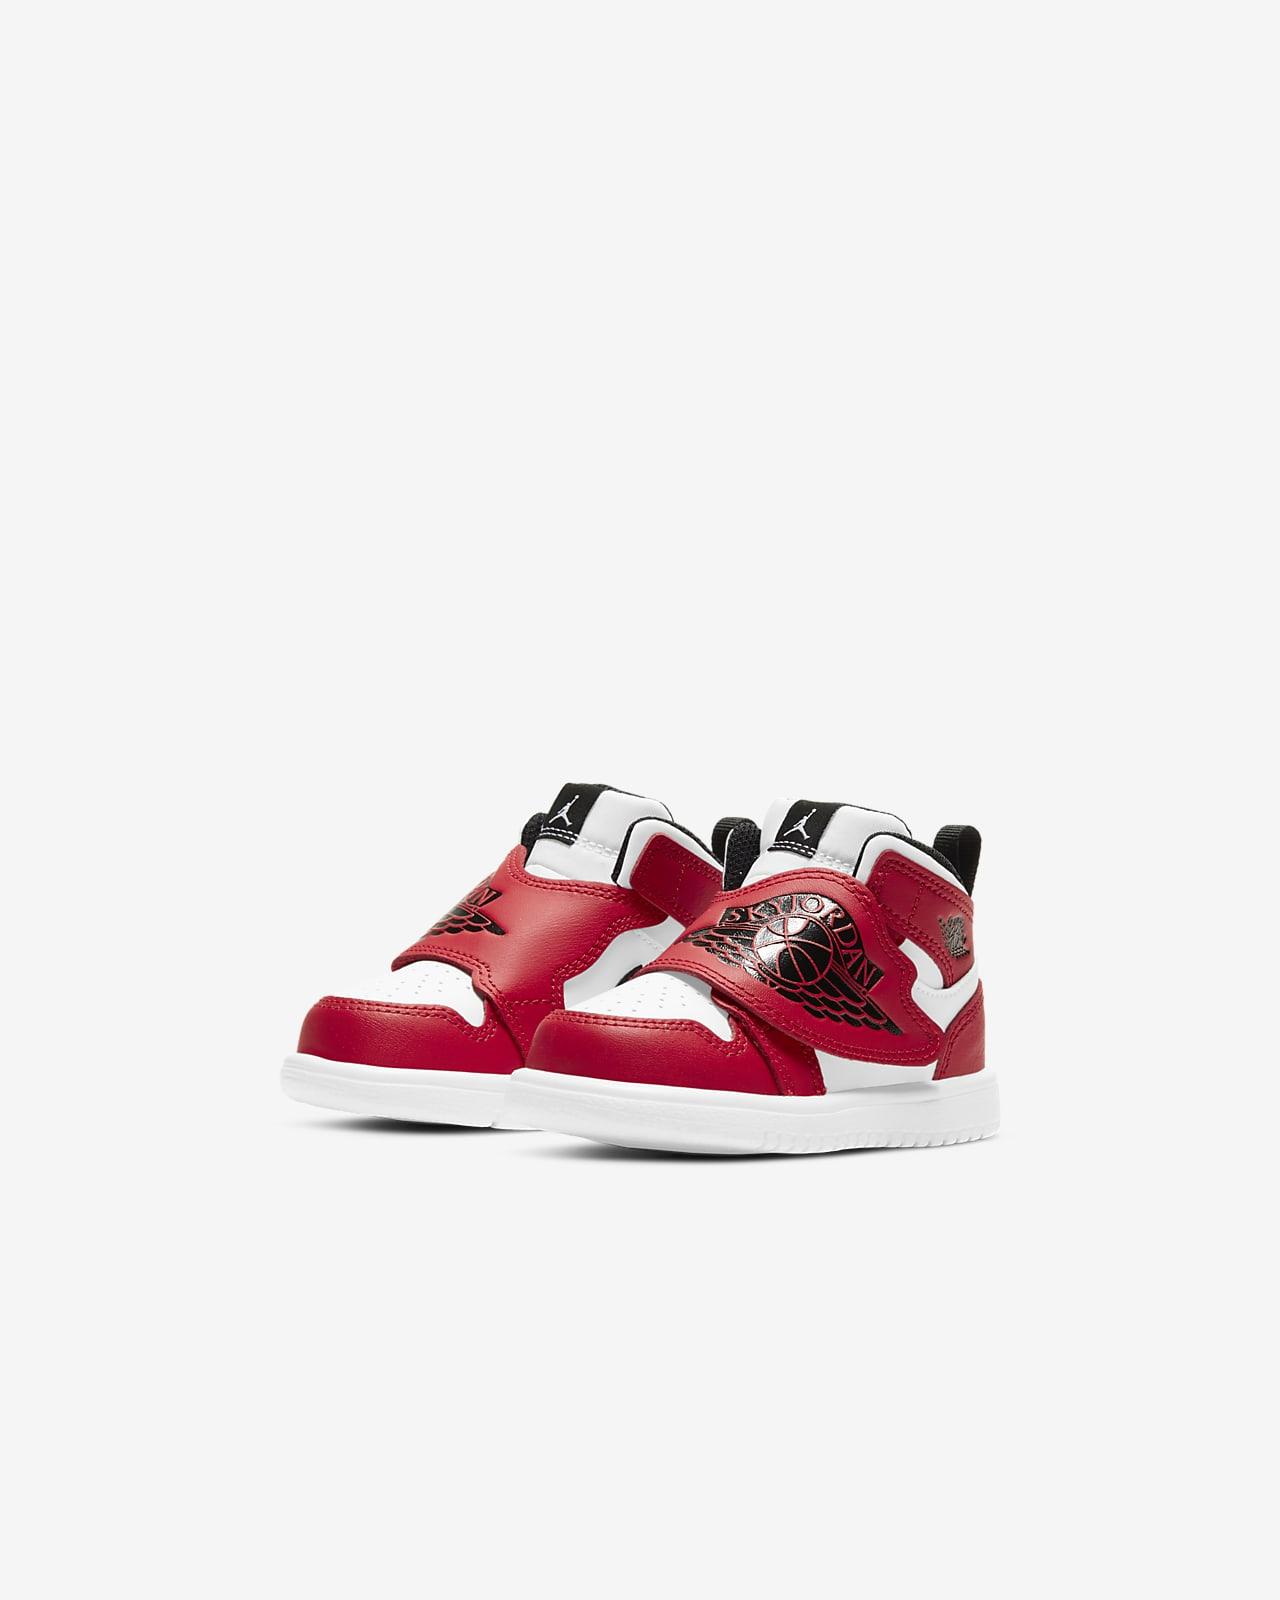 Chaussure Sky Jordan 1 pour Bébé et Petit enfant. Nike LU